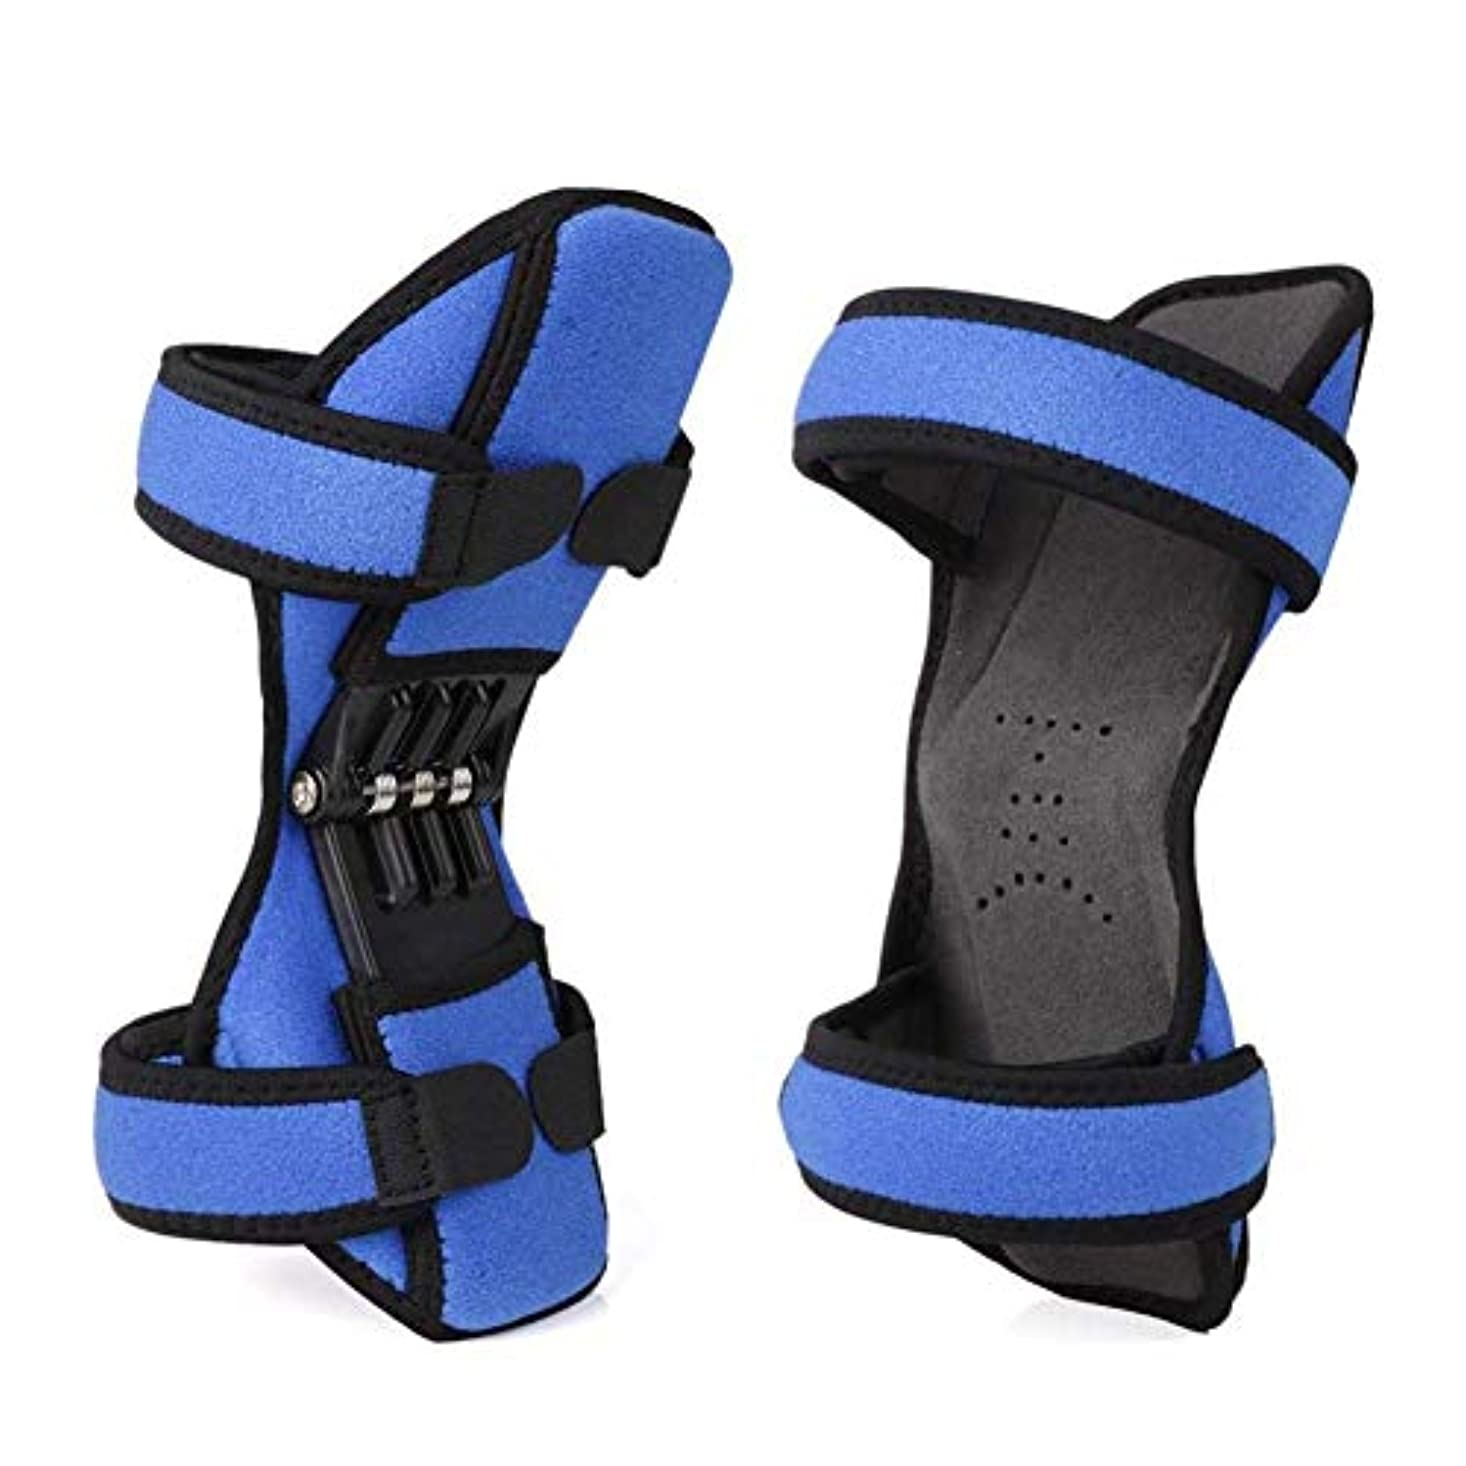 削る八百屋さん亡命強力なリバウンドスプリング力を備えた 膝パッドブースターパッド(1ペア) blue